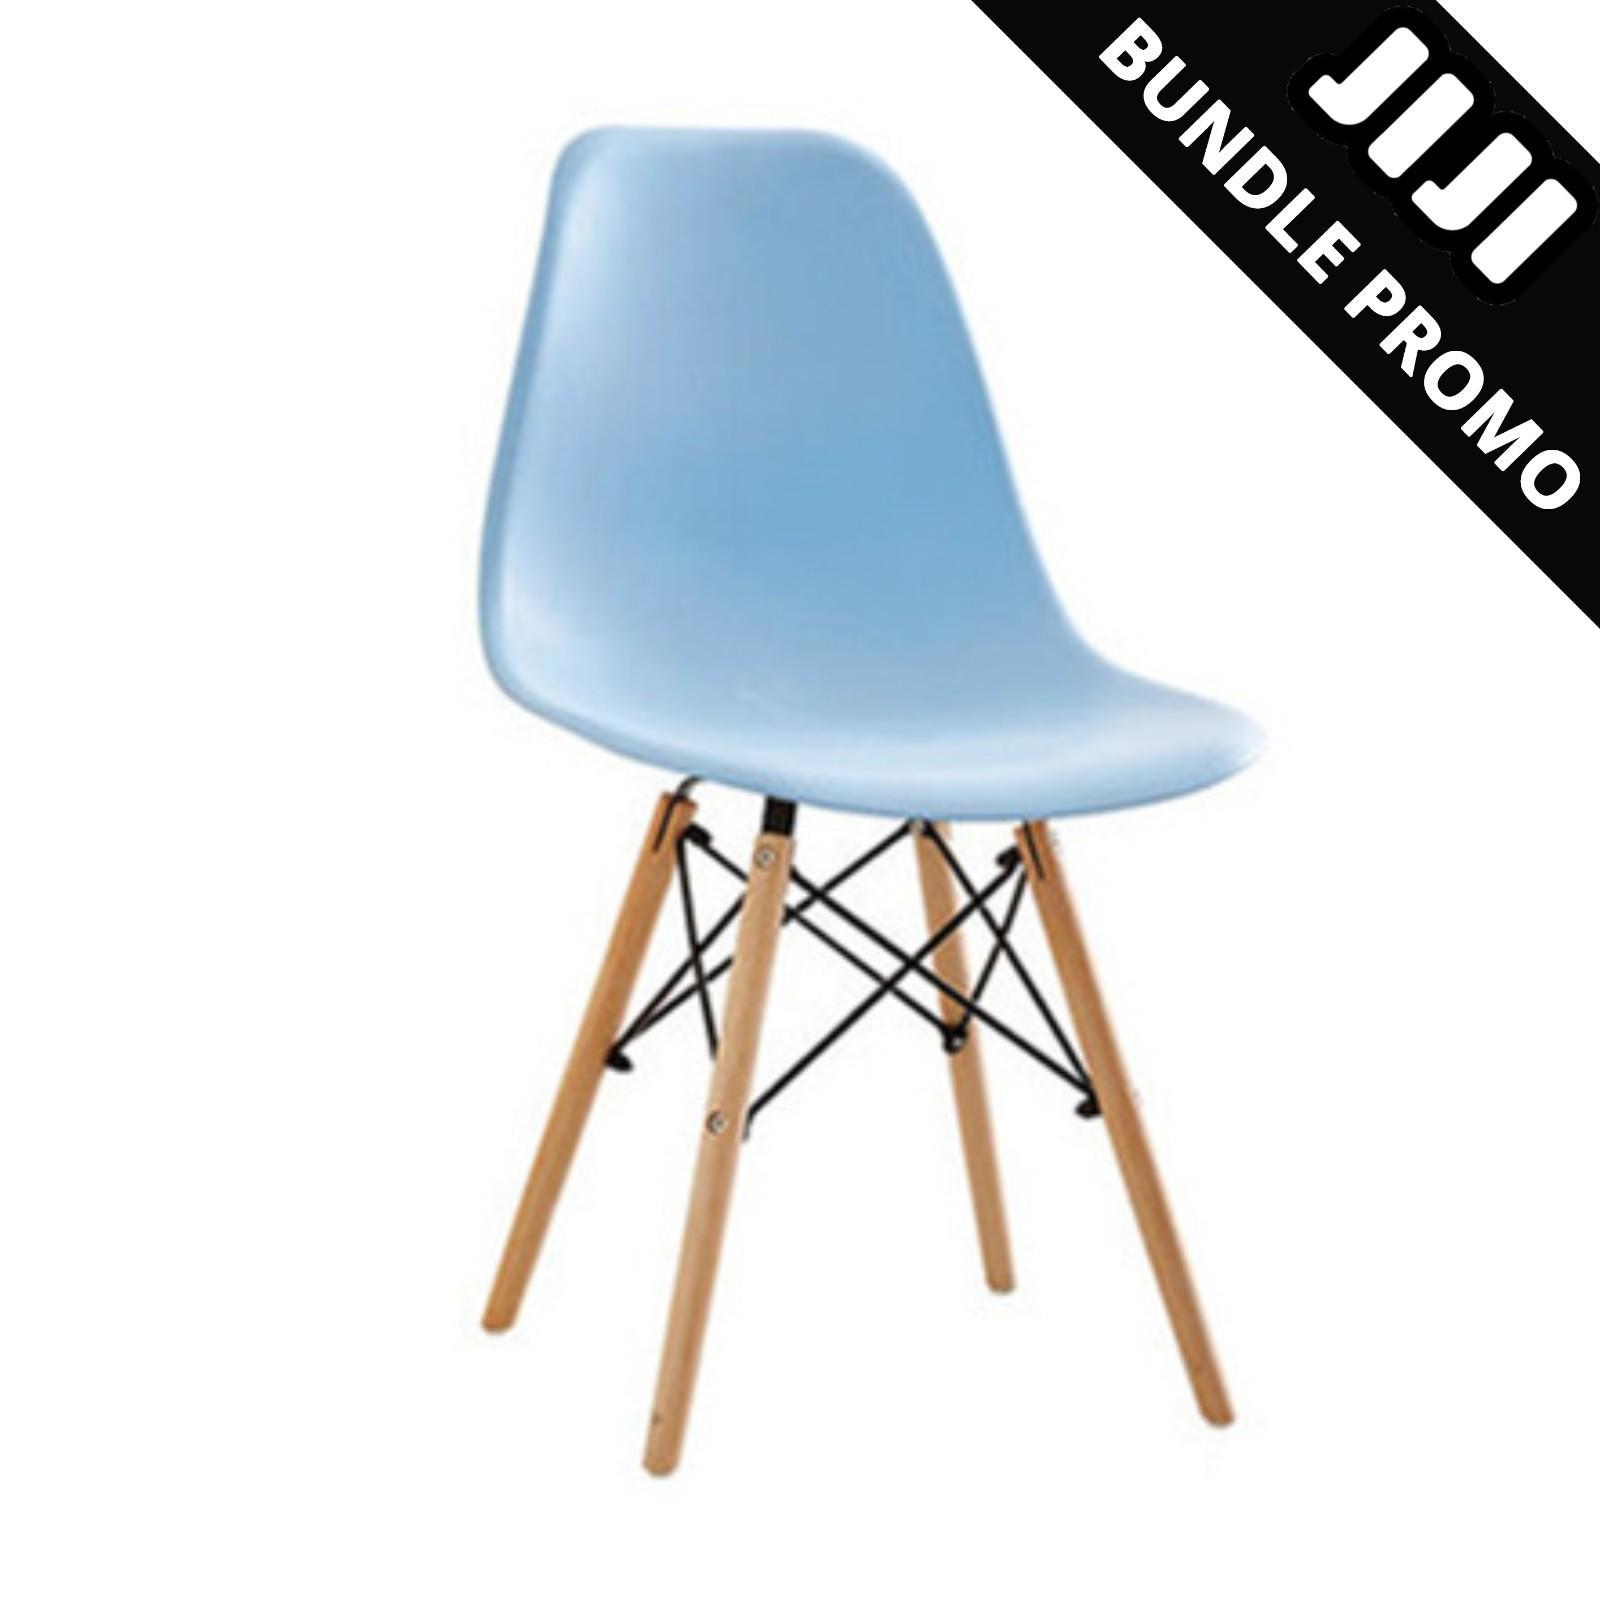 JIJI Bundle Promo of 2: Kids Size Eames Chair (1+1) - KIDS CHAIR★KIDS STUDY CHAIR★KIDS DINING CHAIR★BUY 1 GET 1 FREE (SG)